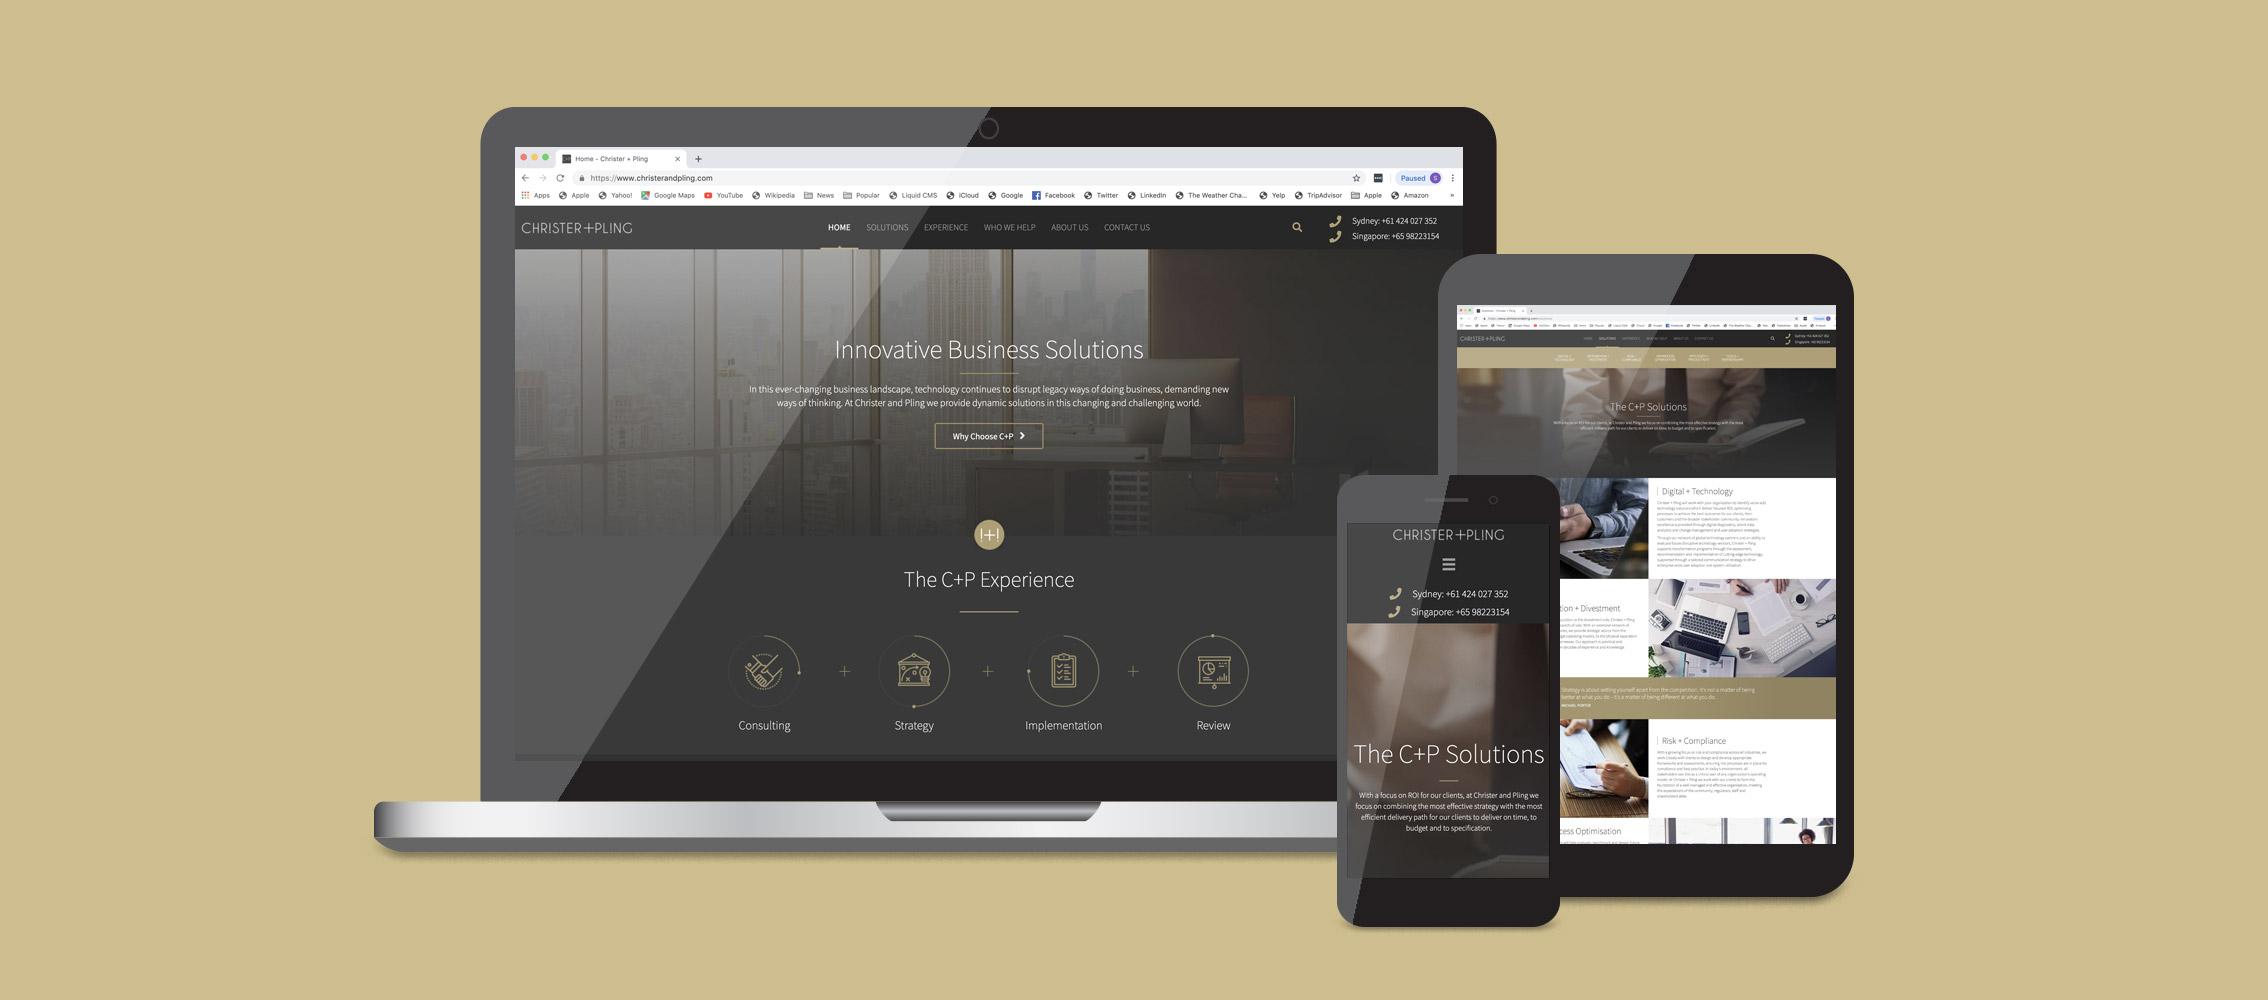 Christer and Pling Website design